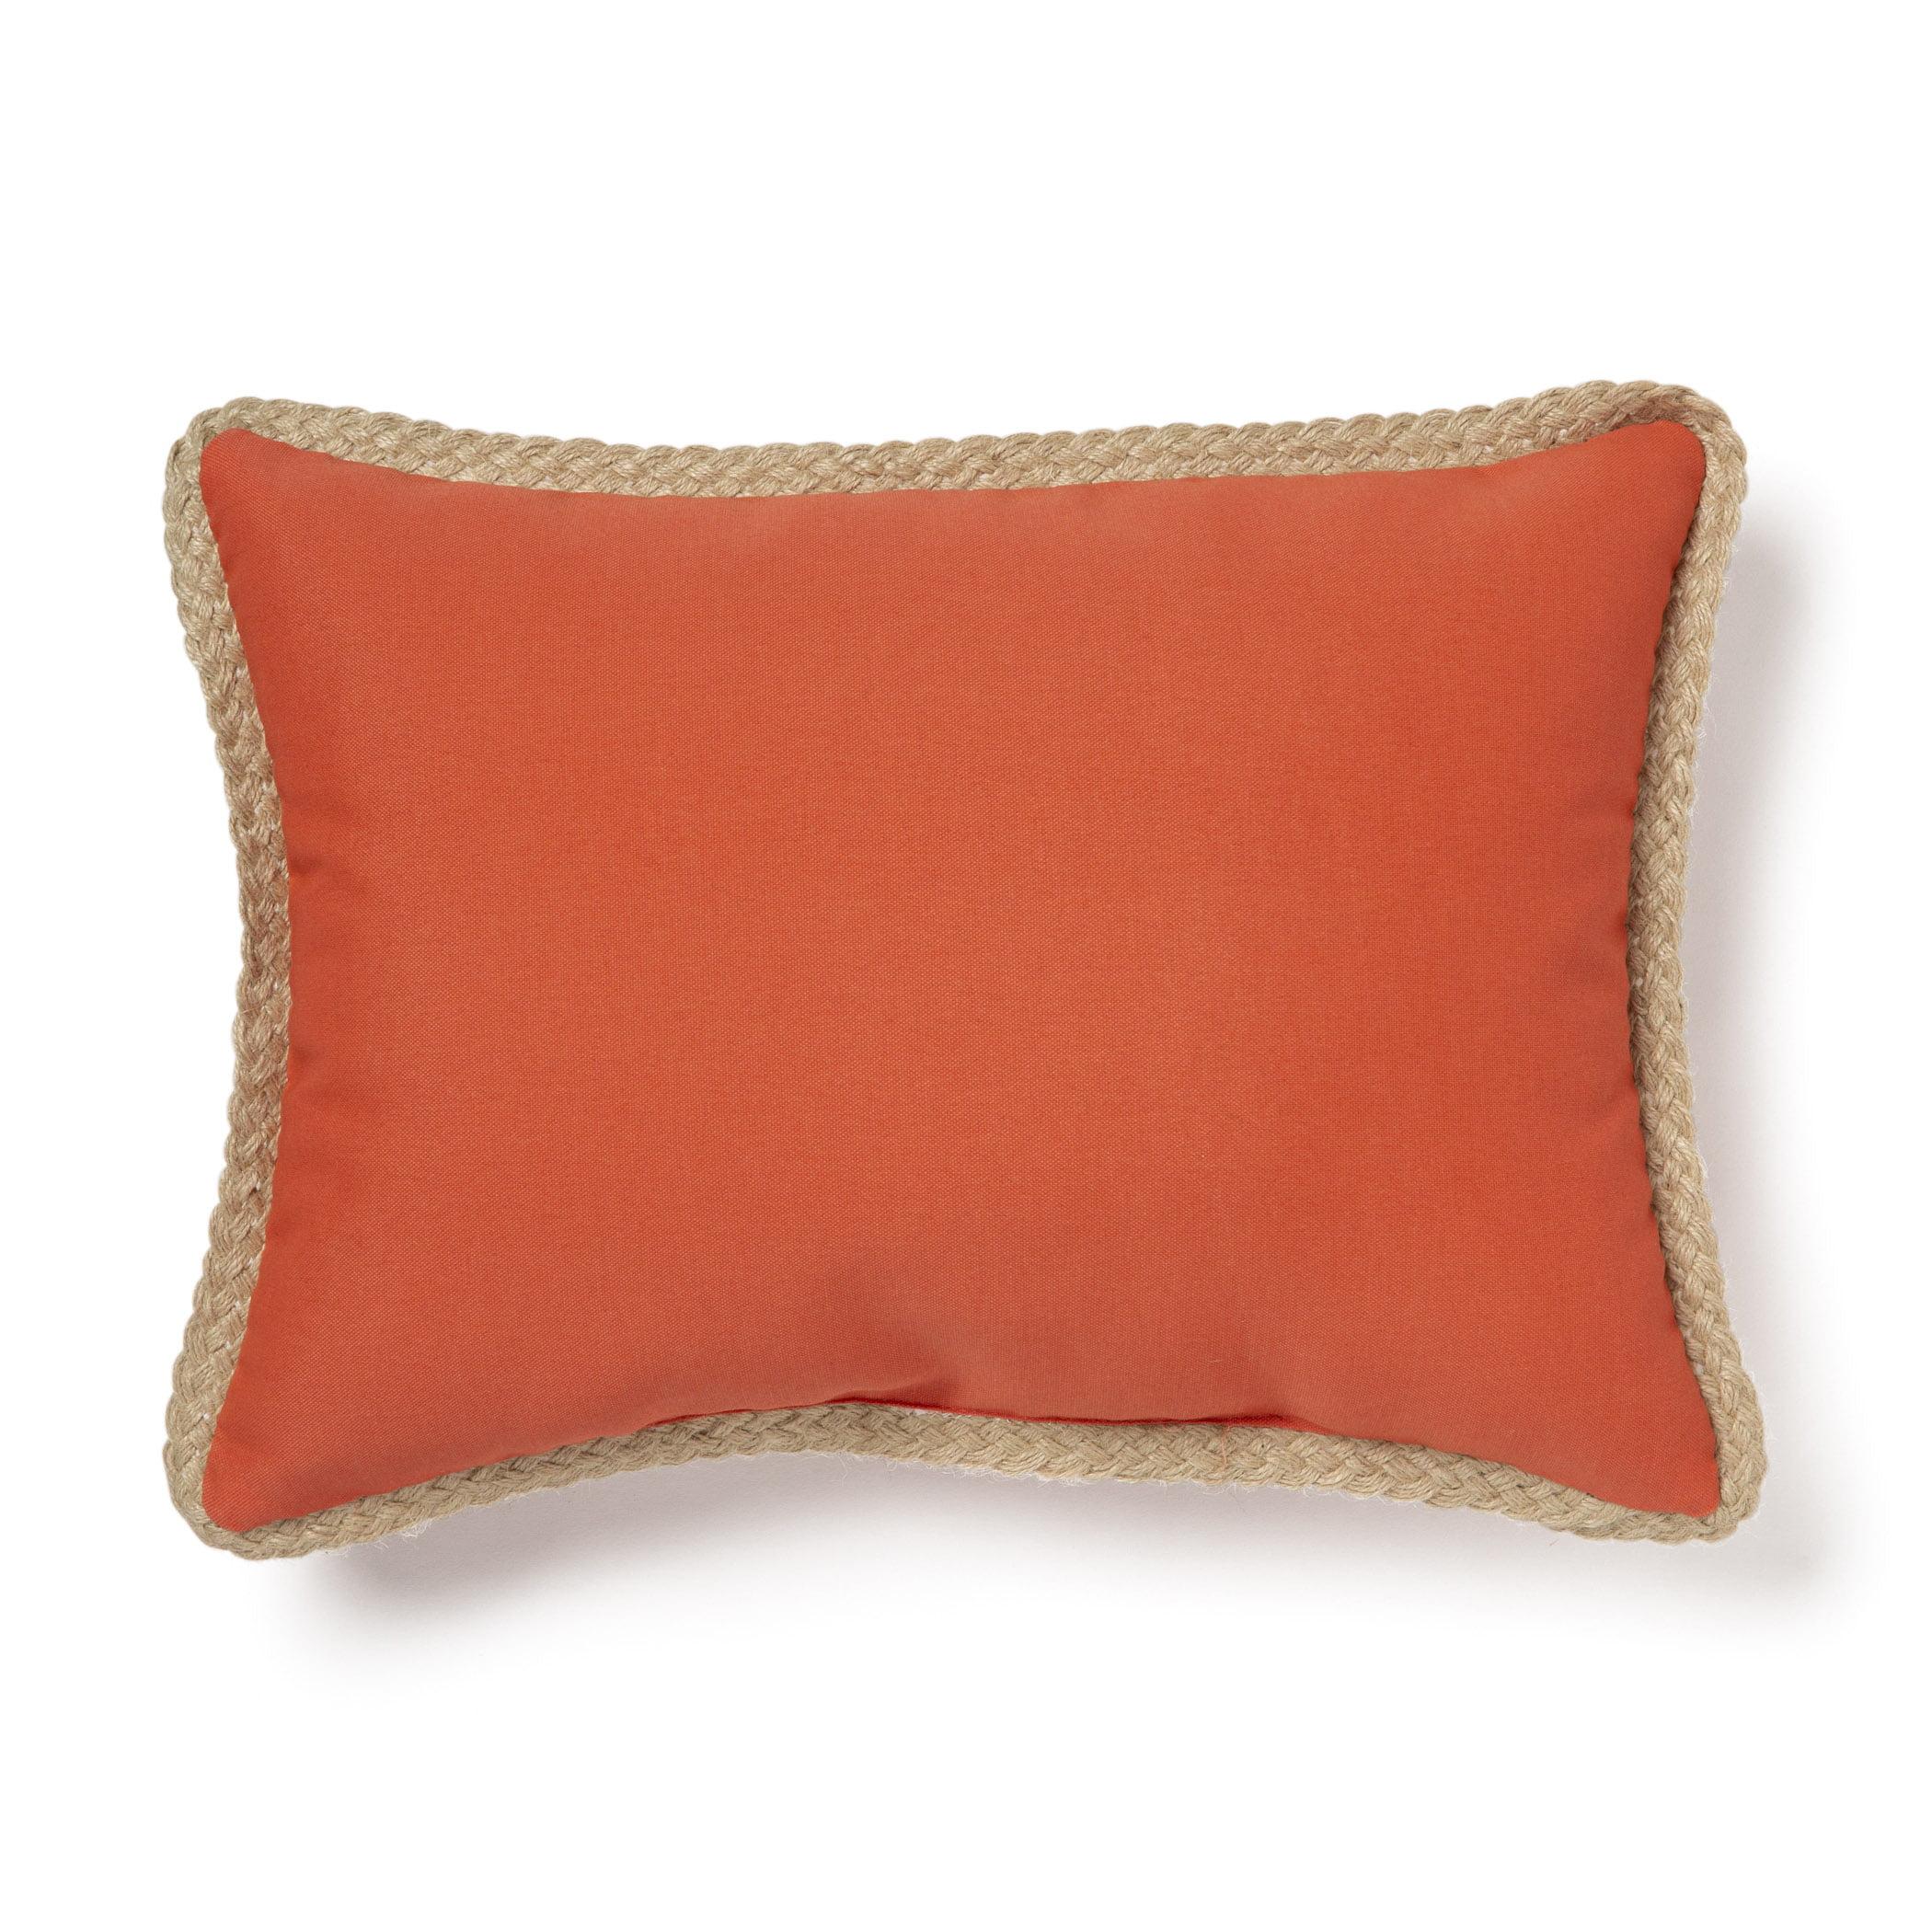 Better homes and gardens outdoor toss pillow 14 x 19 - Better homes and gardens pillows ...